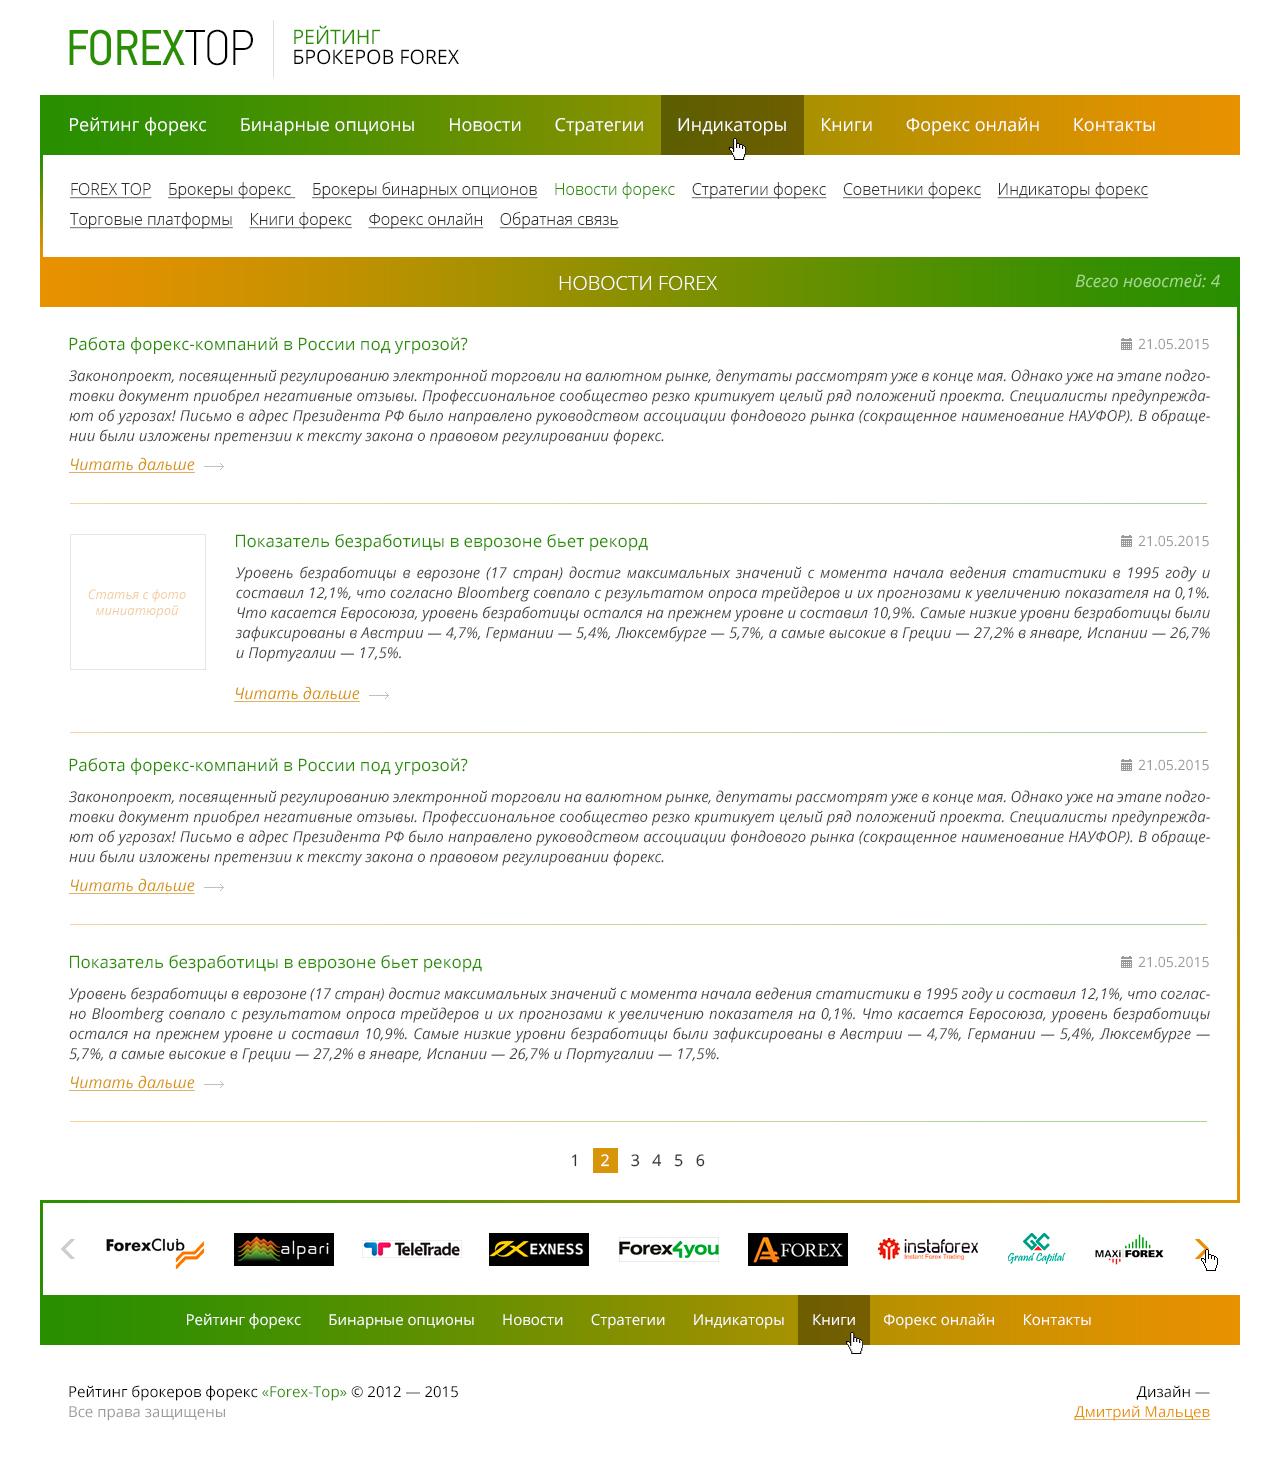 Forex Top — Рейтинг брокеров форекс. Дизайн, адаптивная вёрстка, интеграция.